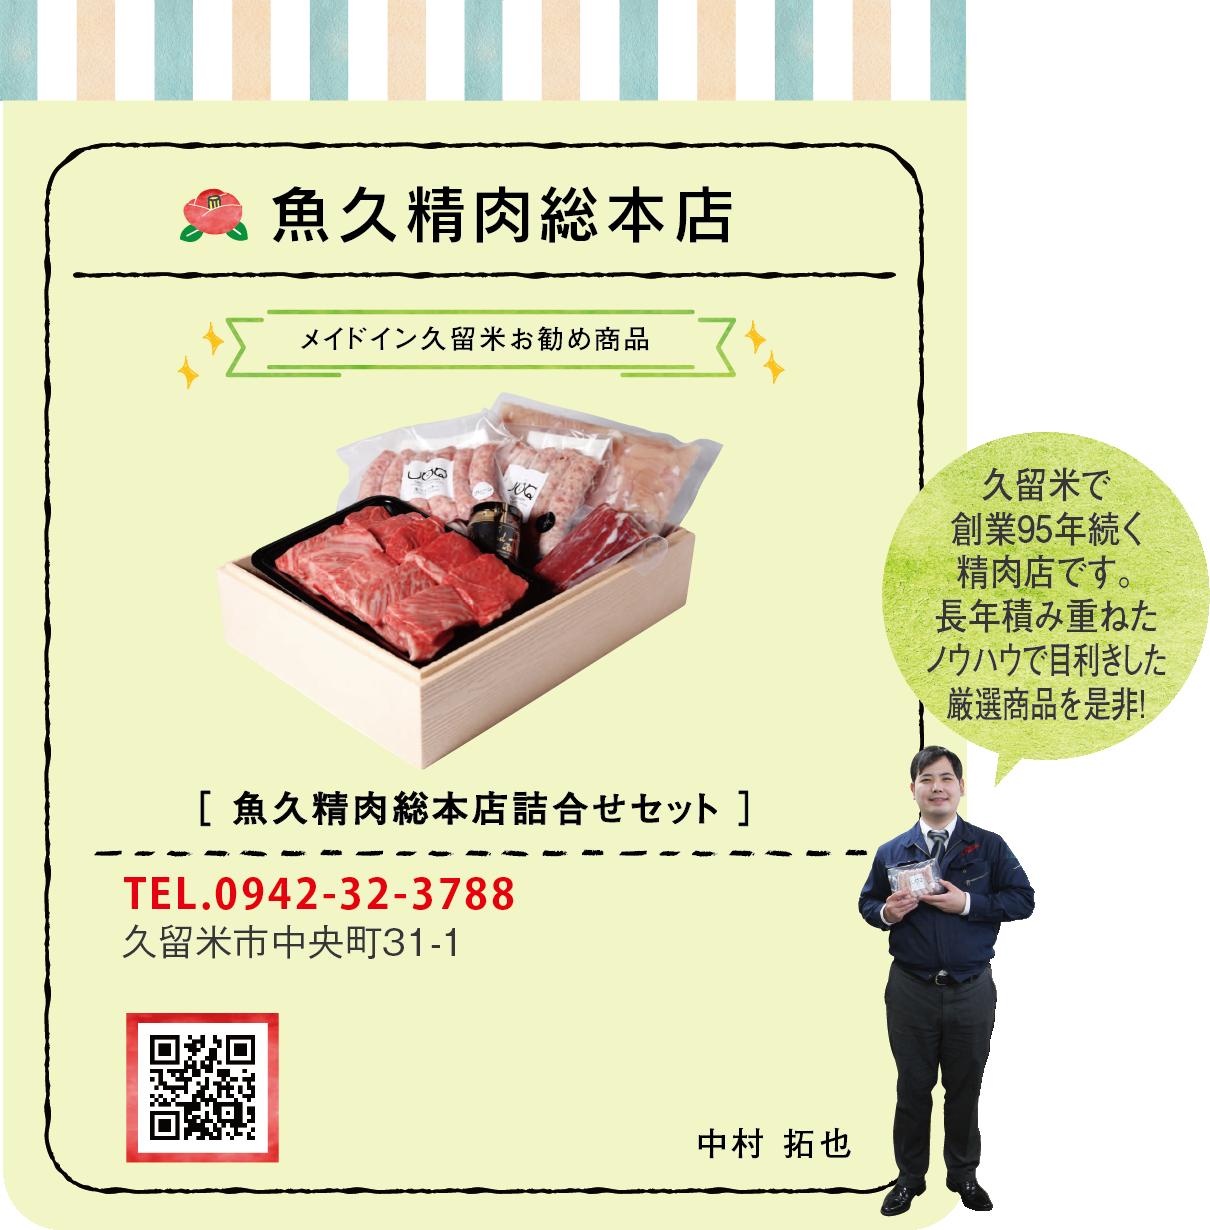 魚久精肉総本店